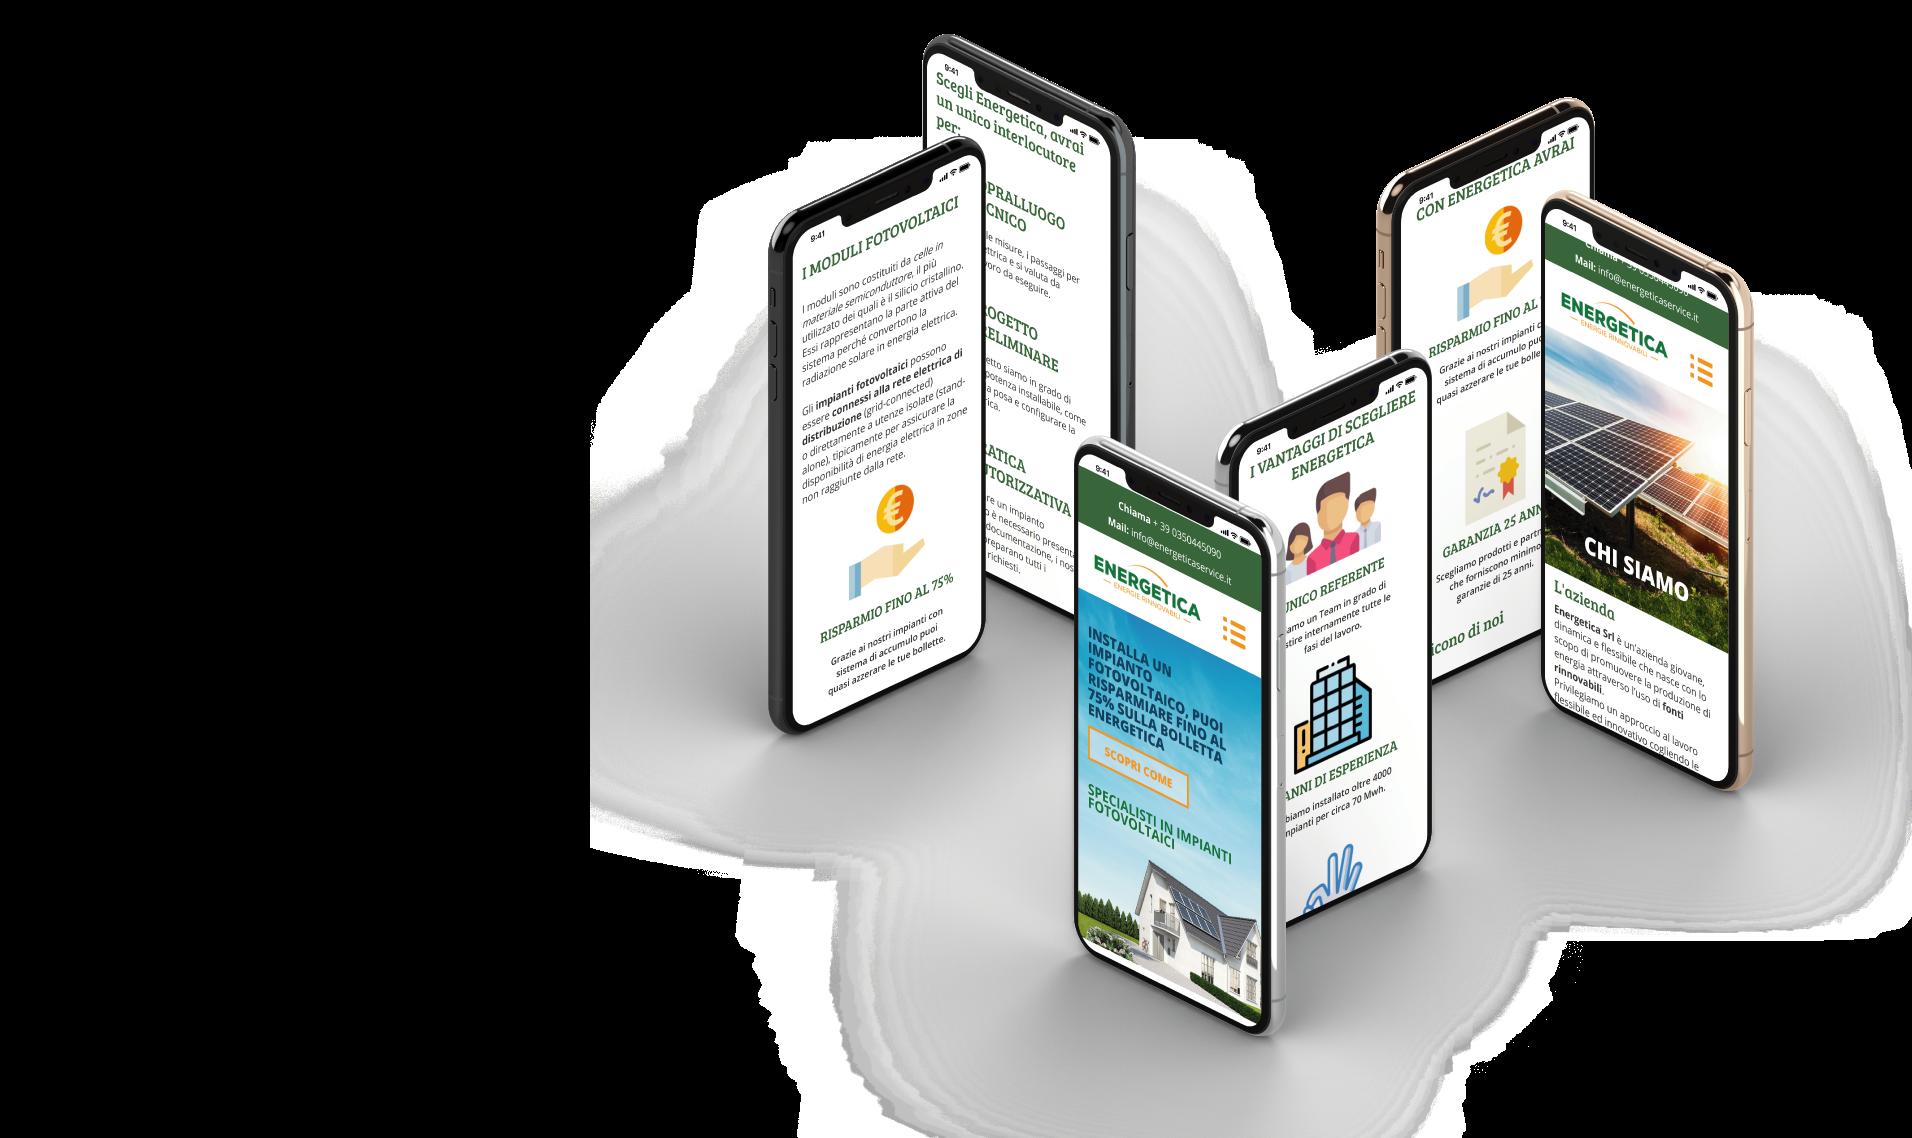 Sito web Energetica Service